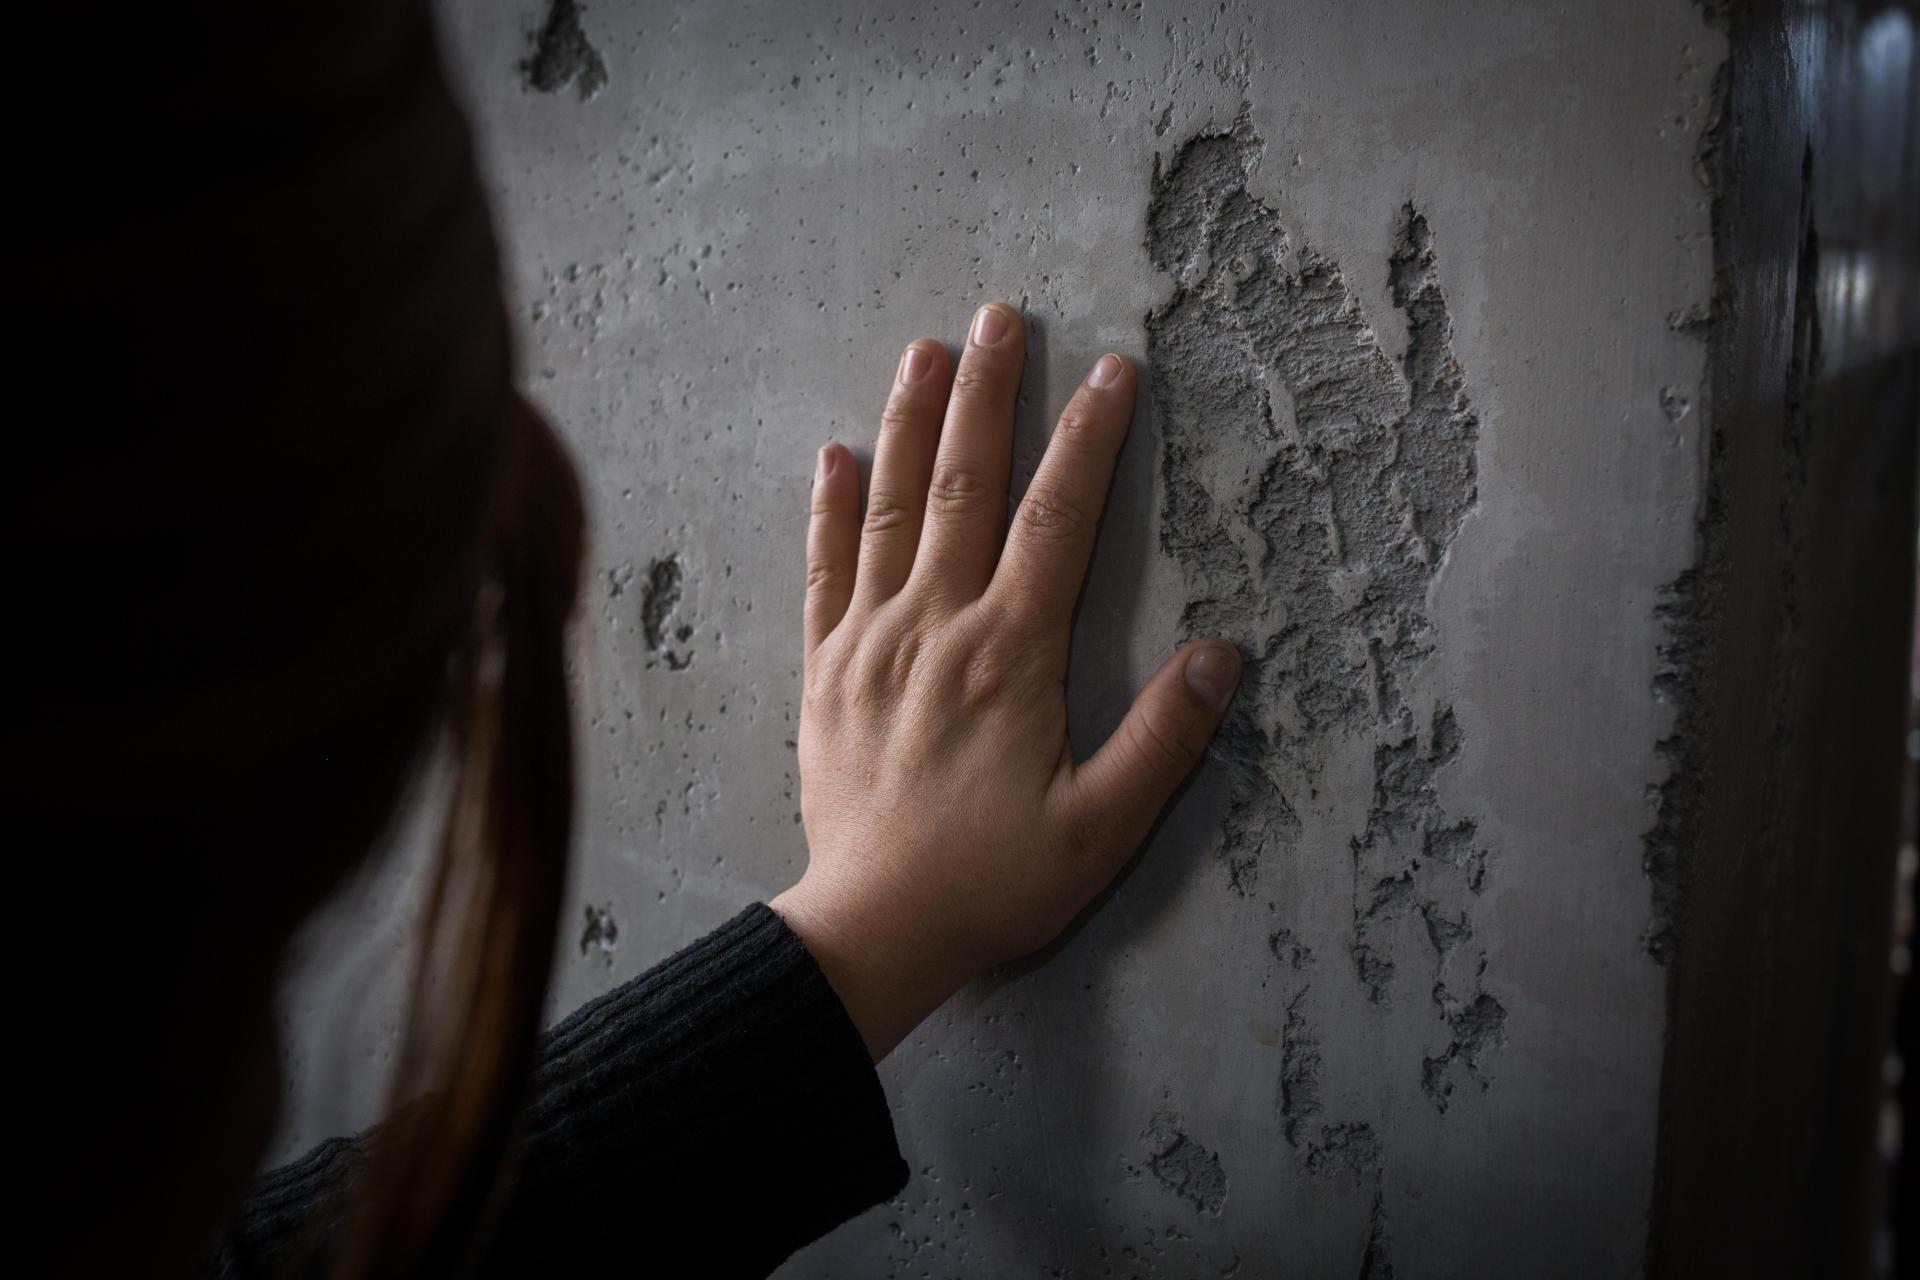 Sophia, nom d'emprunt qu'elle a choisi,a 20 ans. Partie suivre un cours préparatoire d'université au nord du Kazakhstan, elle a été mise en prison à son retour en Chine. Pour rien. Revenue au Kazakhstan, elle vient d'obtenir sa carte de résidente permanente de ce pays. Mais citoyenne chinoise d'ethnie kazakhe, elle n'aurait aucun recours si elle était rapatriée pour une raison ou une autre dans son Xinjiang natal, près d'Urumqi. Almaty, au Kazakhstan, en décembre 2018.